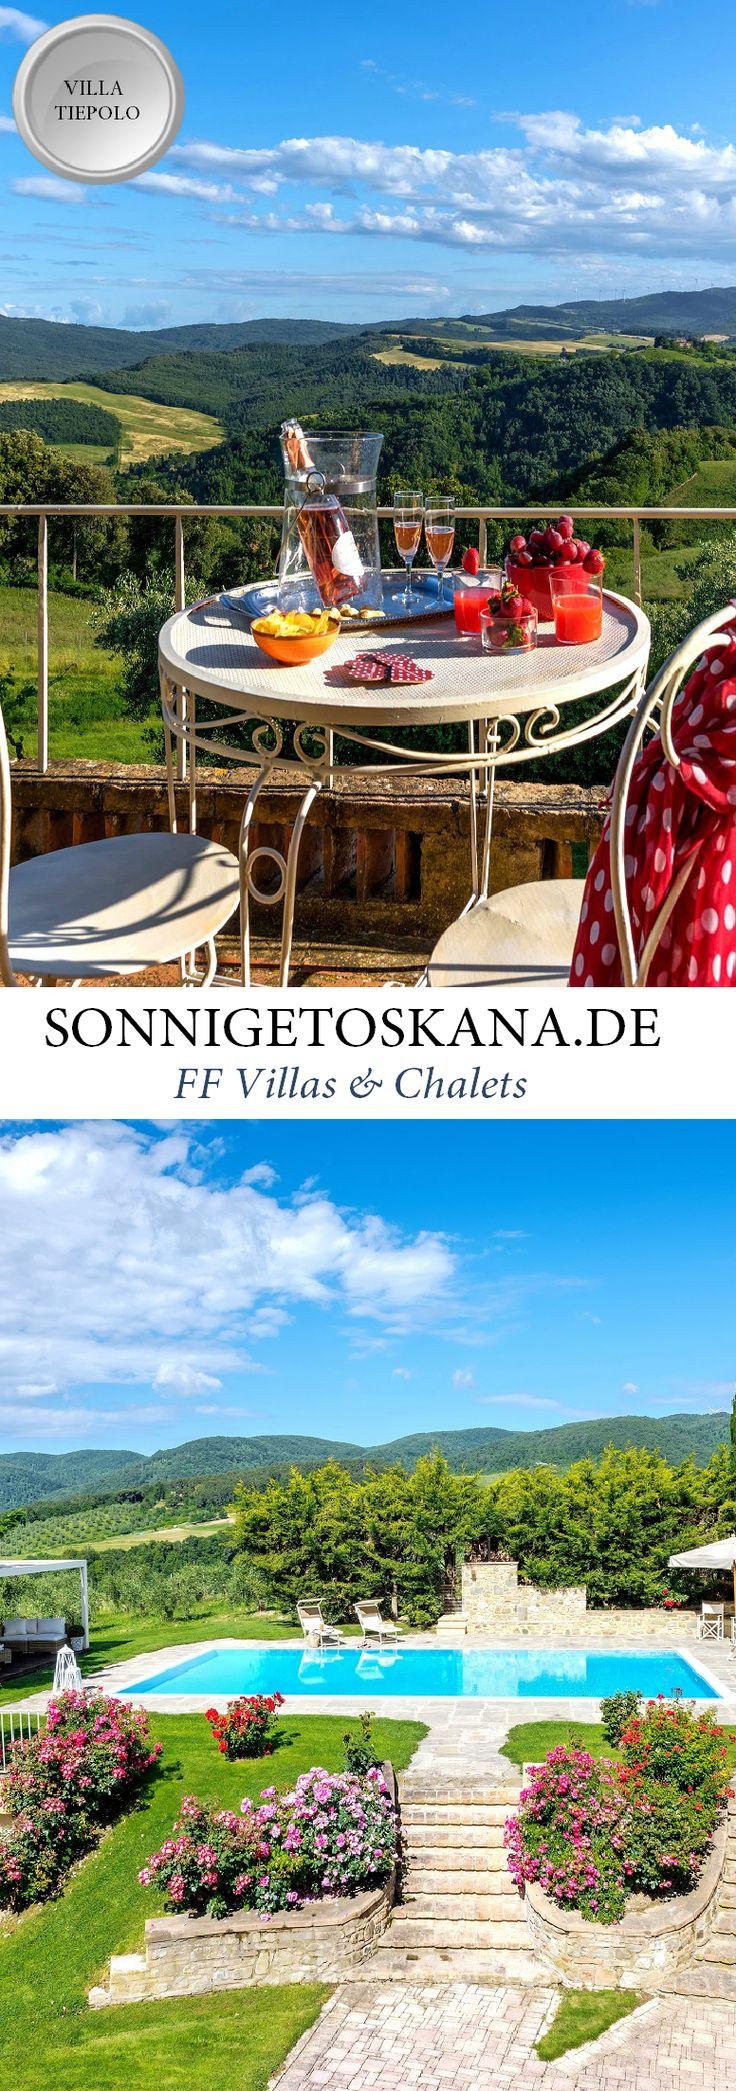 Ferienvilla Ferienhaus www.sonnigetoskana.de    Villa Tiepolo    Toskana, Provinz Pisa bei Chianni, 7 Schlafzimmer, Privater Pool. Die Villa Tipeolo liegt bei dem charmaten Ort Chianni in der Toskana in der Region Pisa. Es ist eine gediegene, grosszügige Villa mit privatem Pool, die für bis zu 14 Personen grosszügig Platz bietet. #Toskana #Ferienhaus #Casalio #Urlaub #Reisen #Villa #SonnigeToskana #Luxus #VillaTiepolo